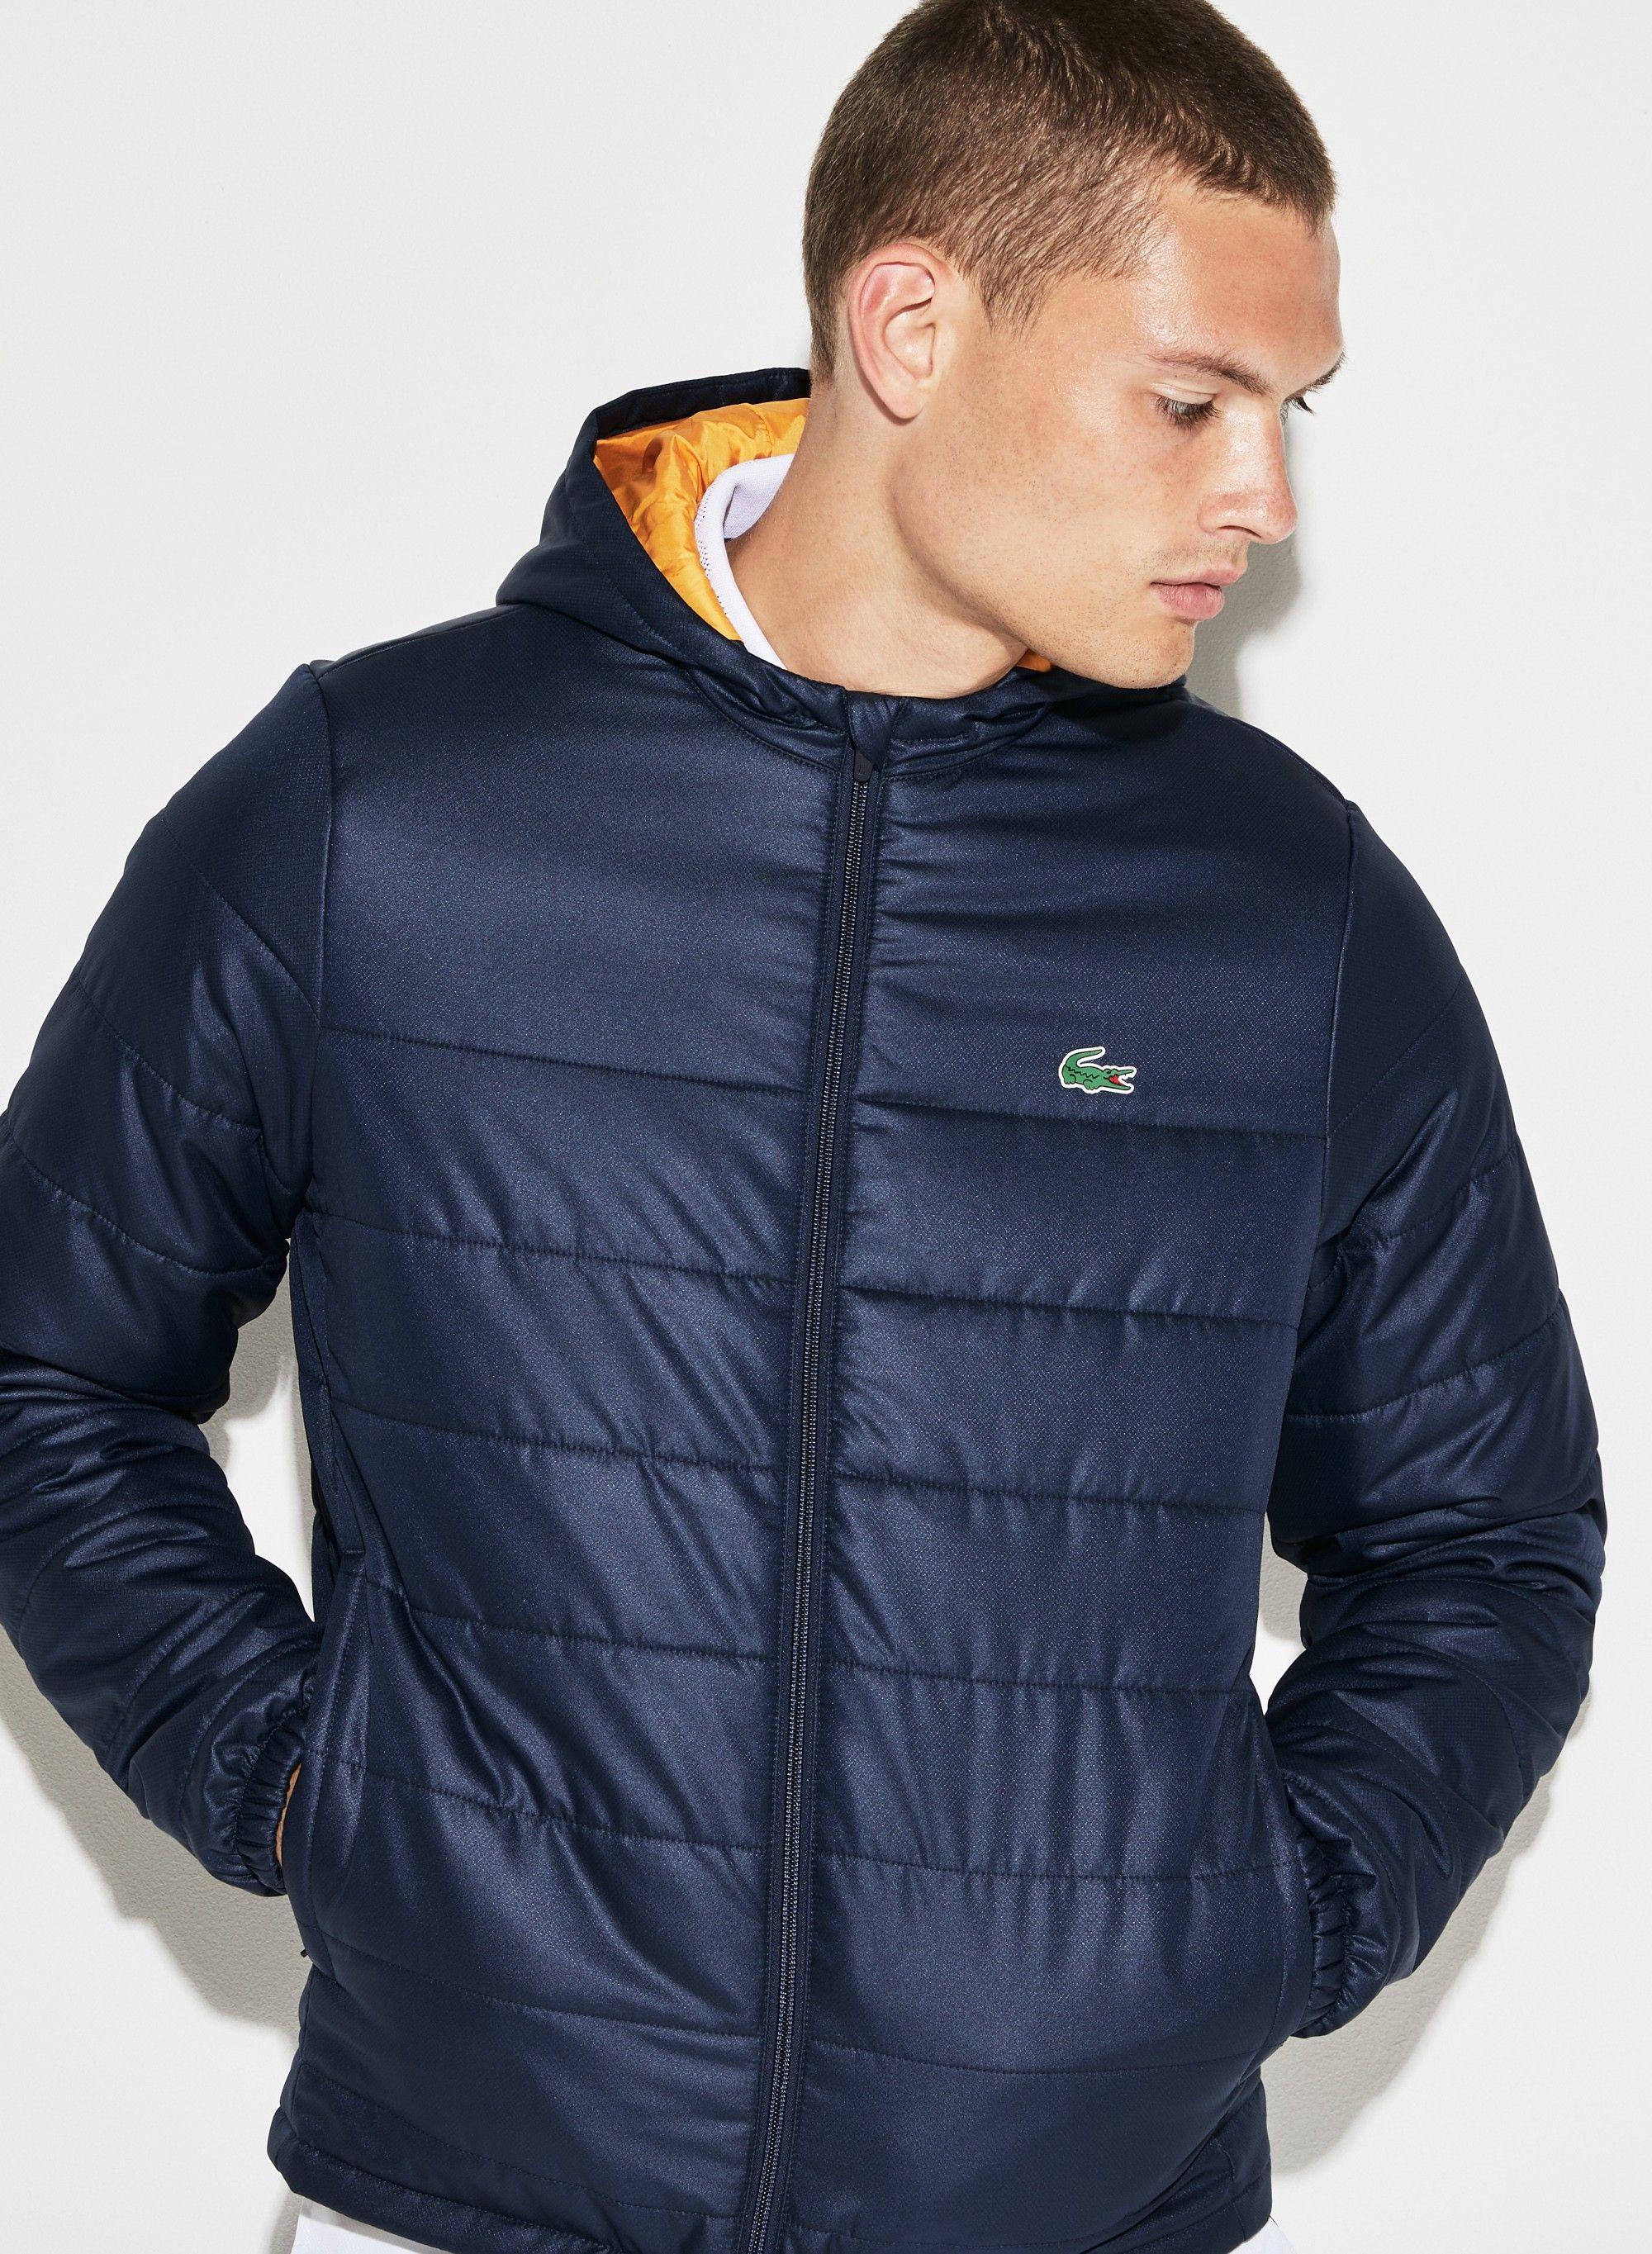 8c62743483 Lacoste Men's Sport Hooded Water-Resistant Taffeta Tennis Jacket - Navy  Blue/Pomelo 4Xl Green